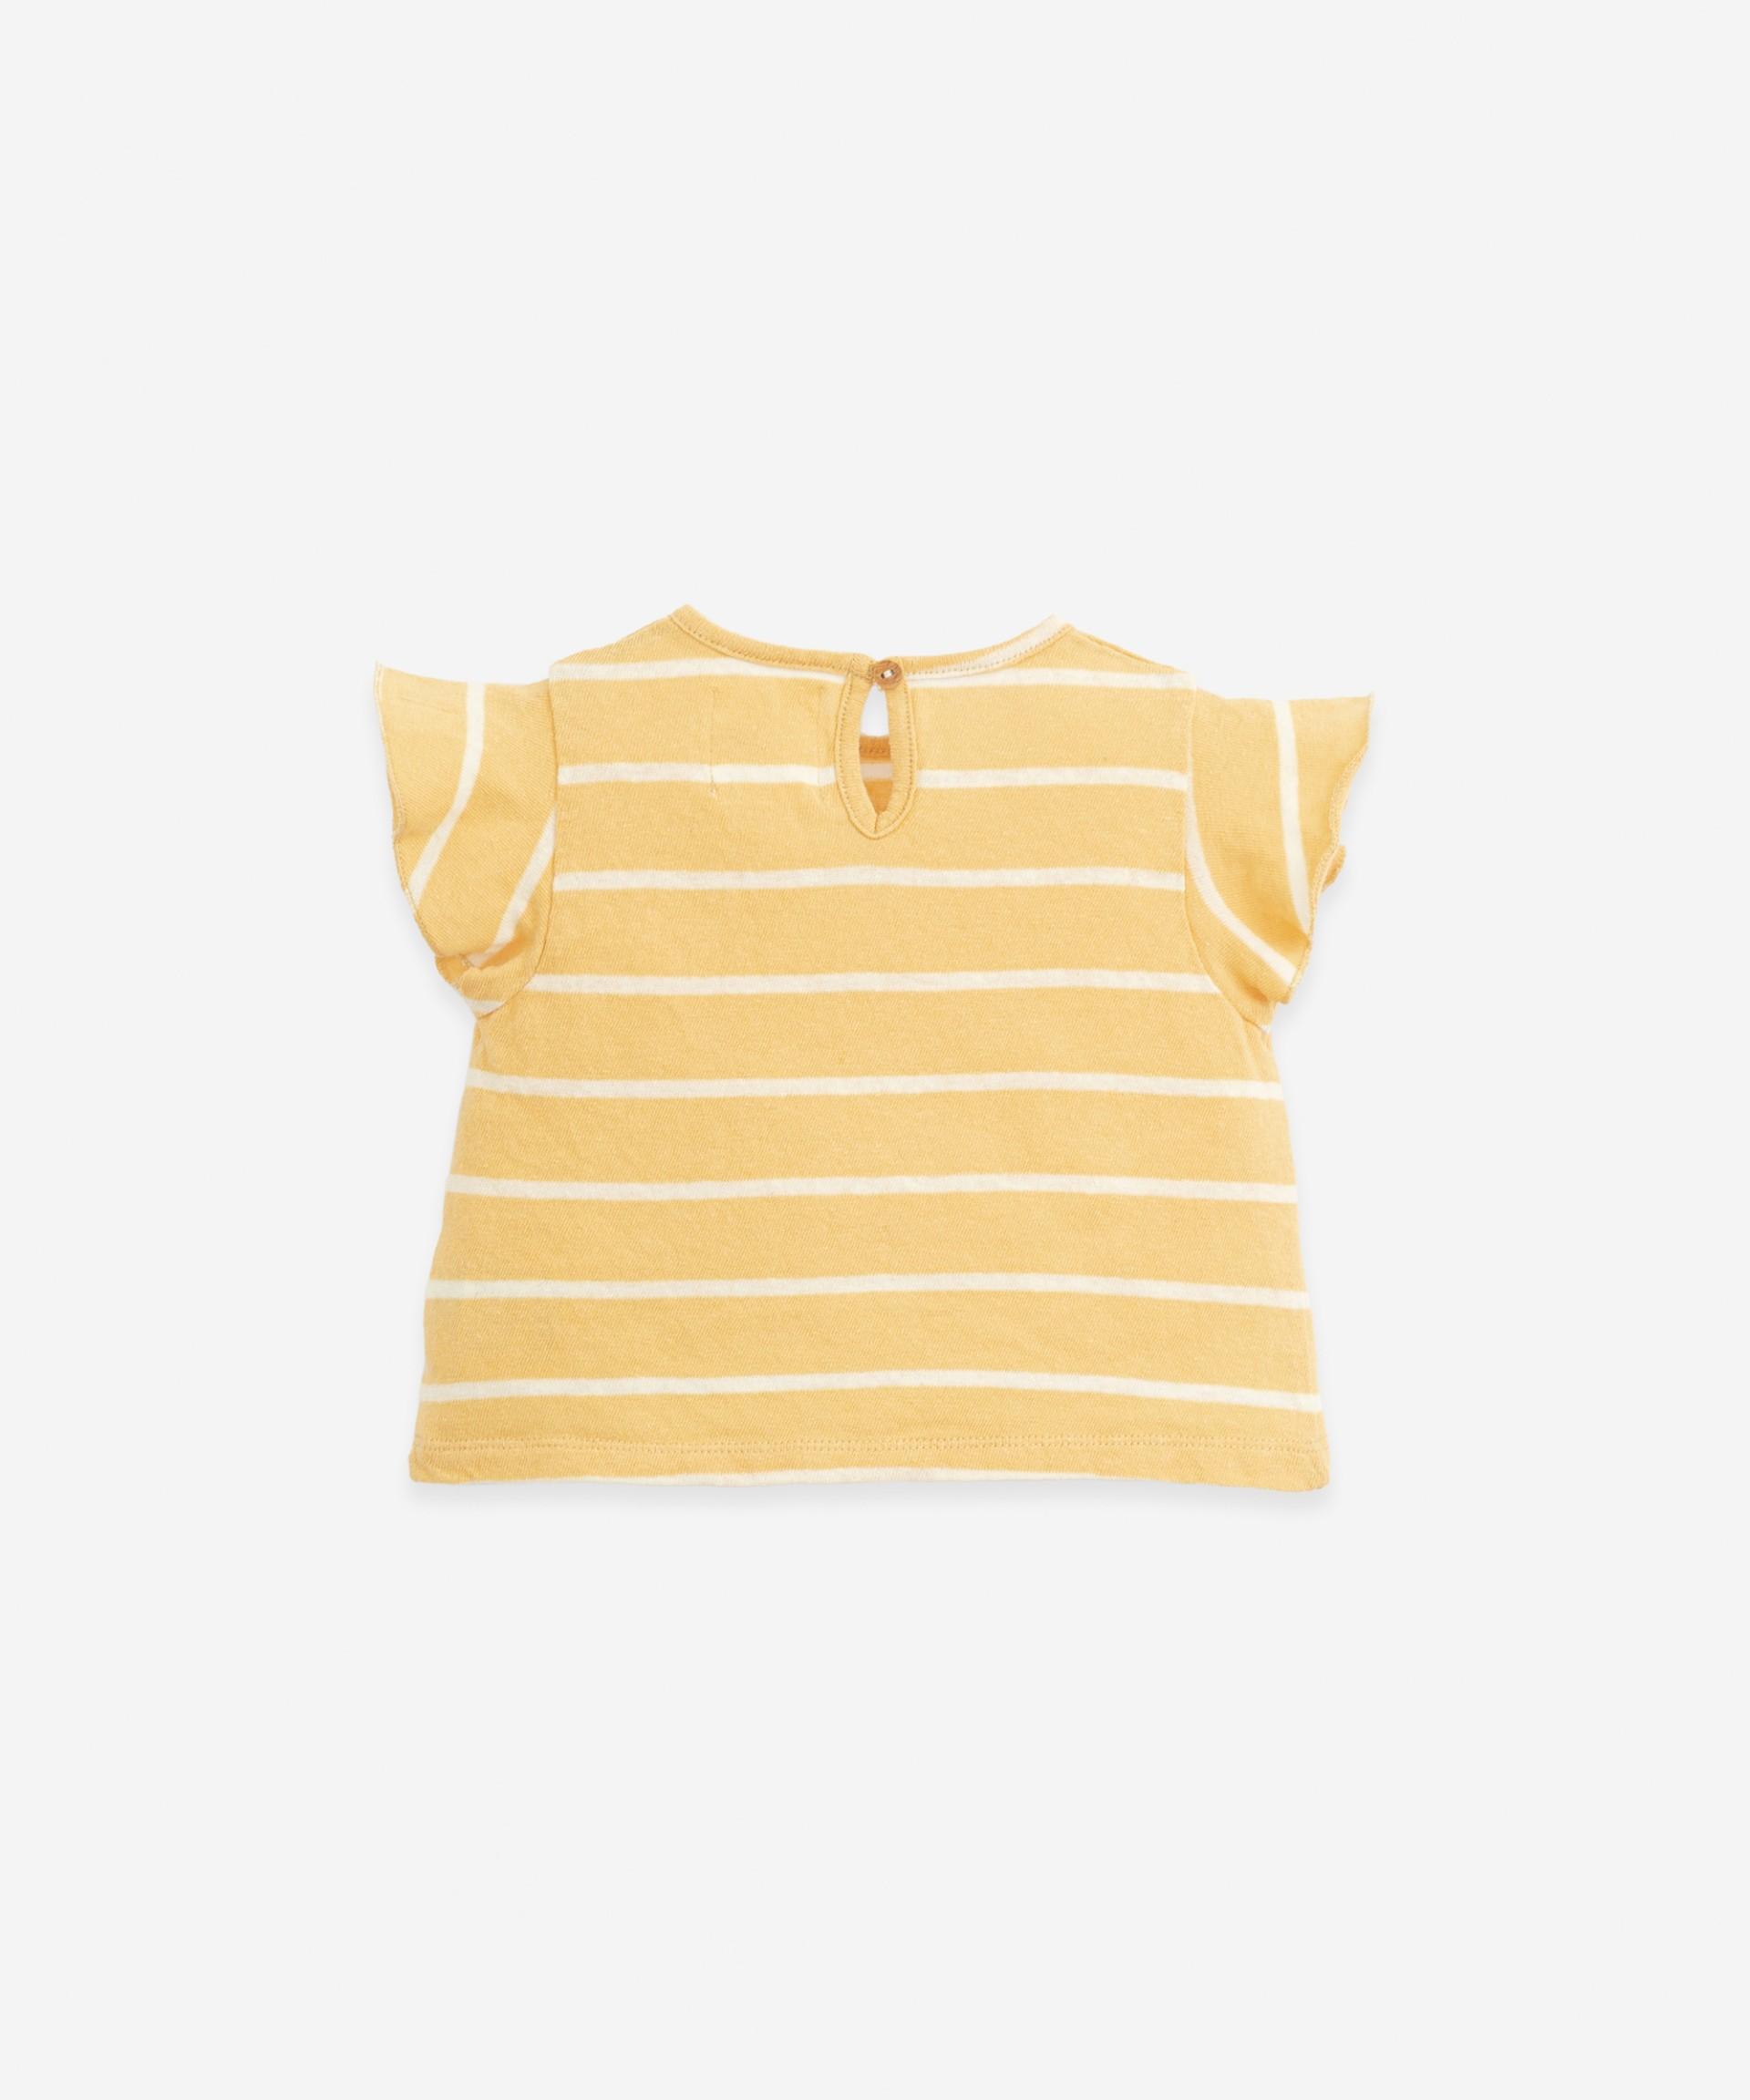 Striped T-shirt | Botany